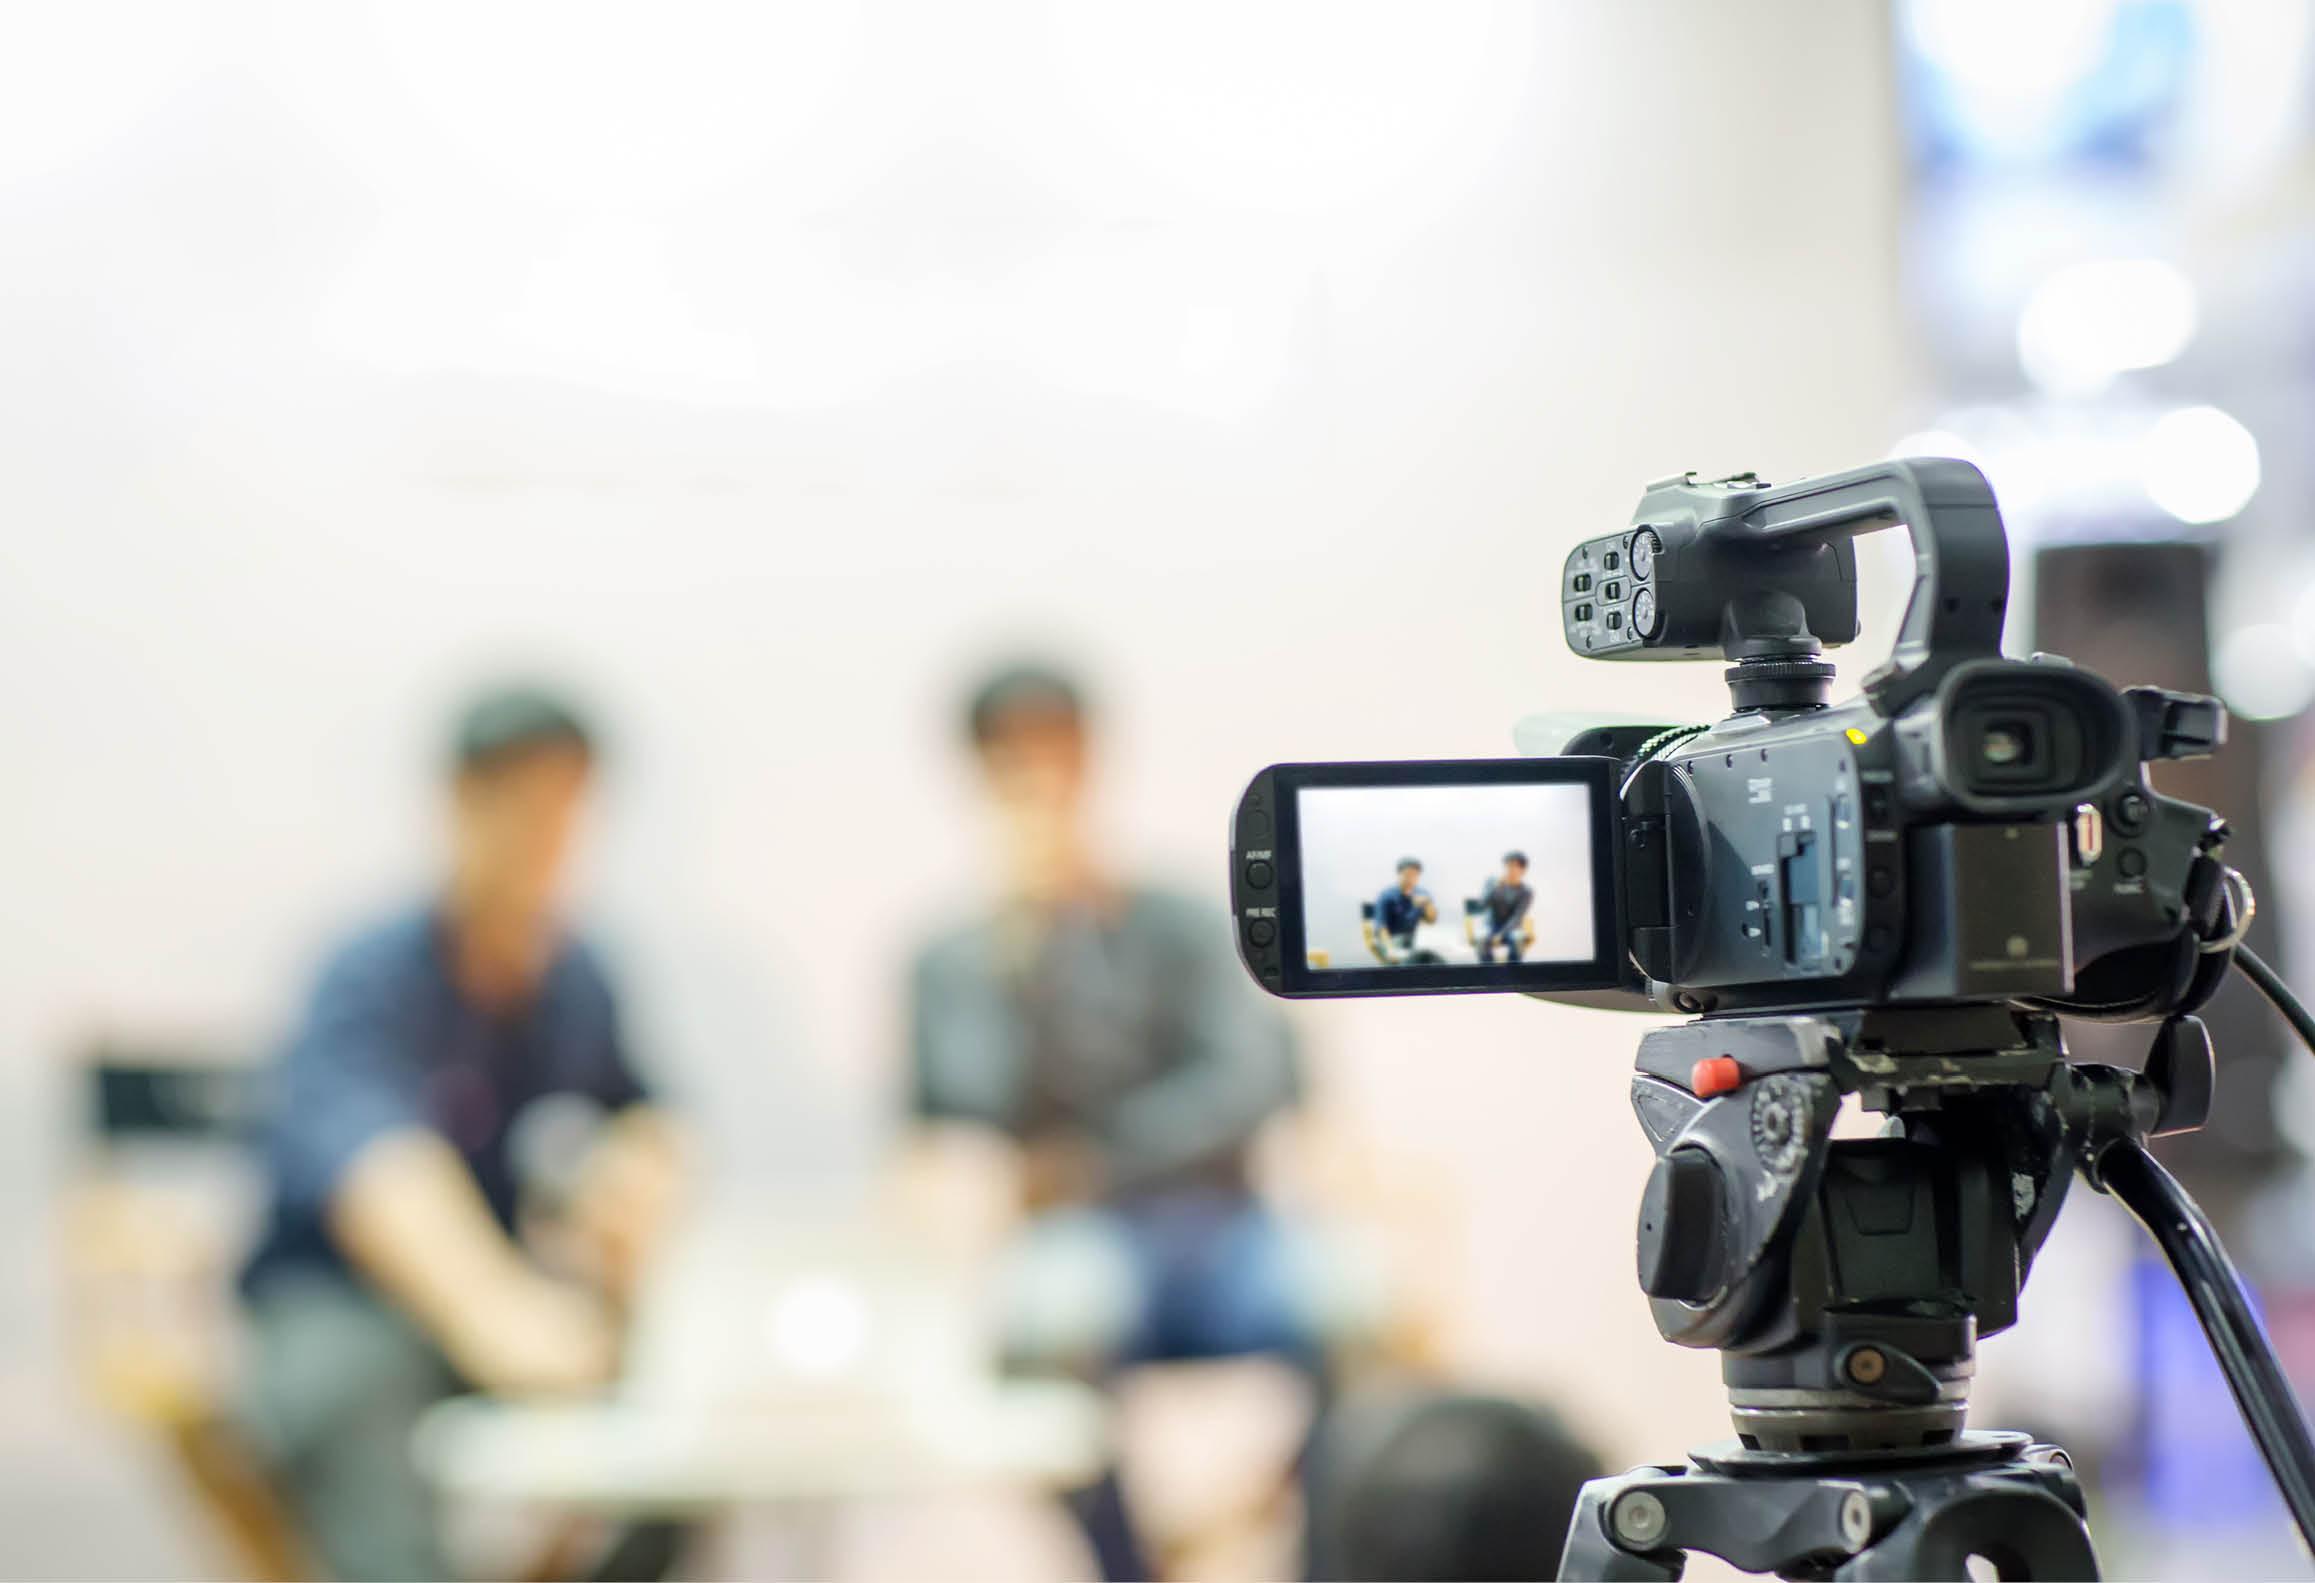 Bilden visar två personer i en TV-studio som sitter framför en TV-studiokamera